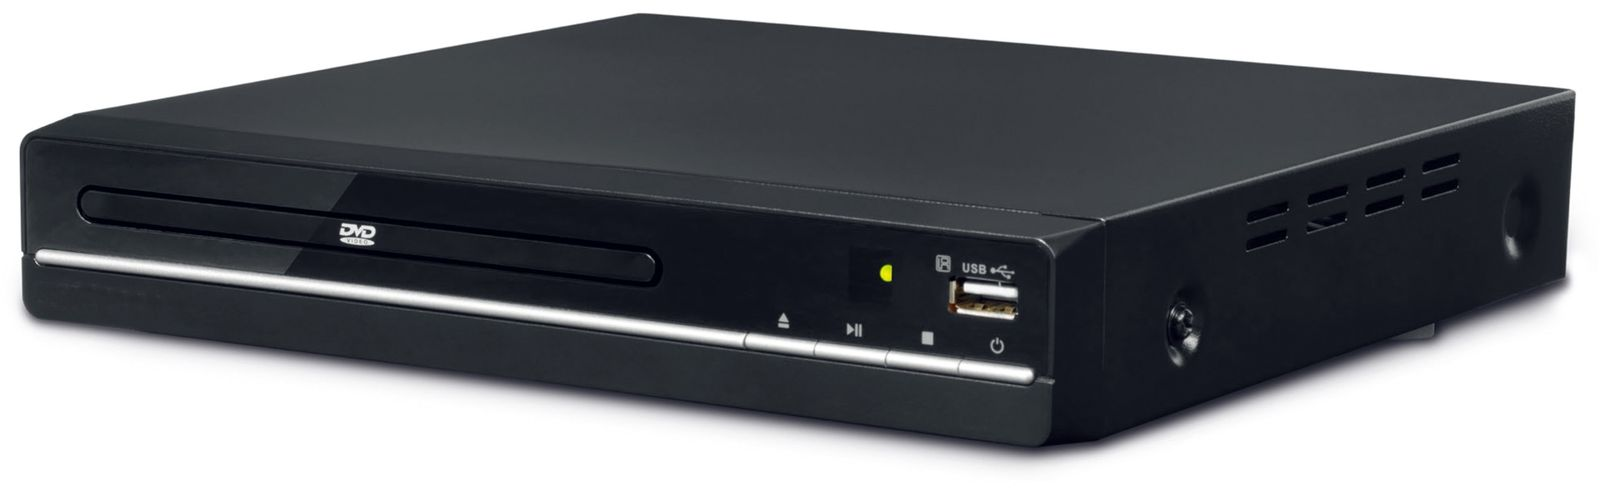 dvd player denver dvh 7786 hdmi scart usb ebay. Black Bedroom Furniture Sets. Home Design Ideas